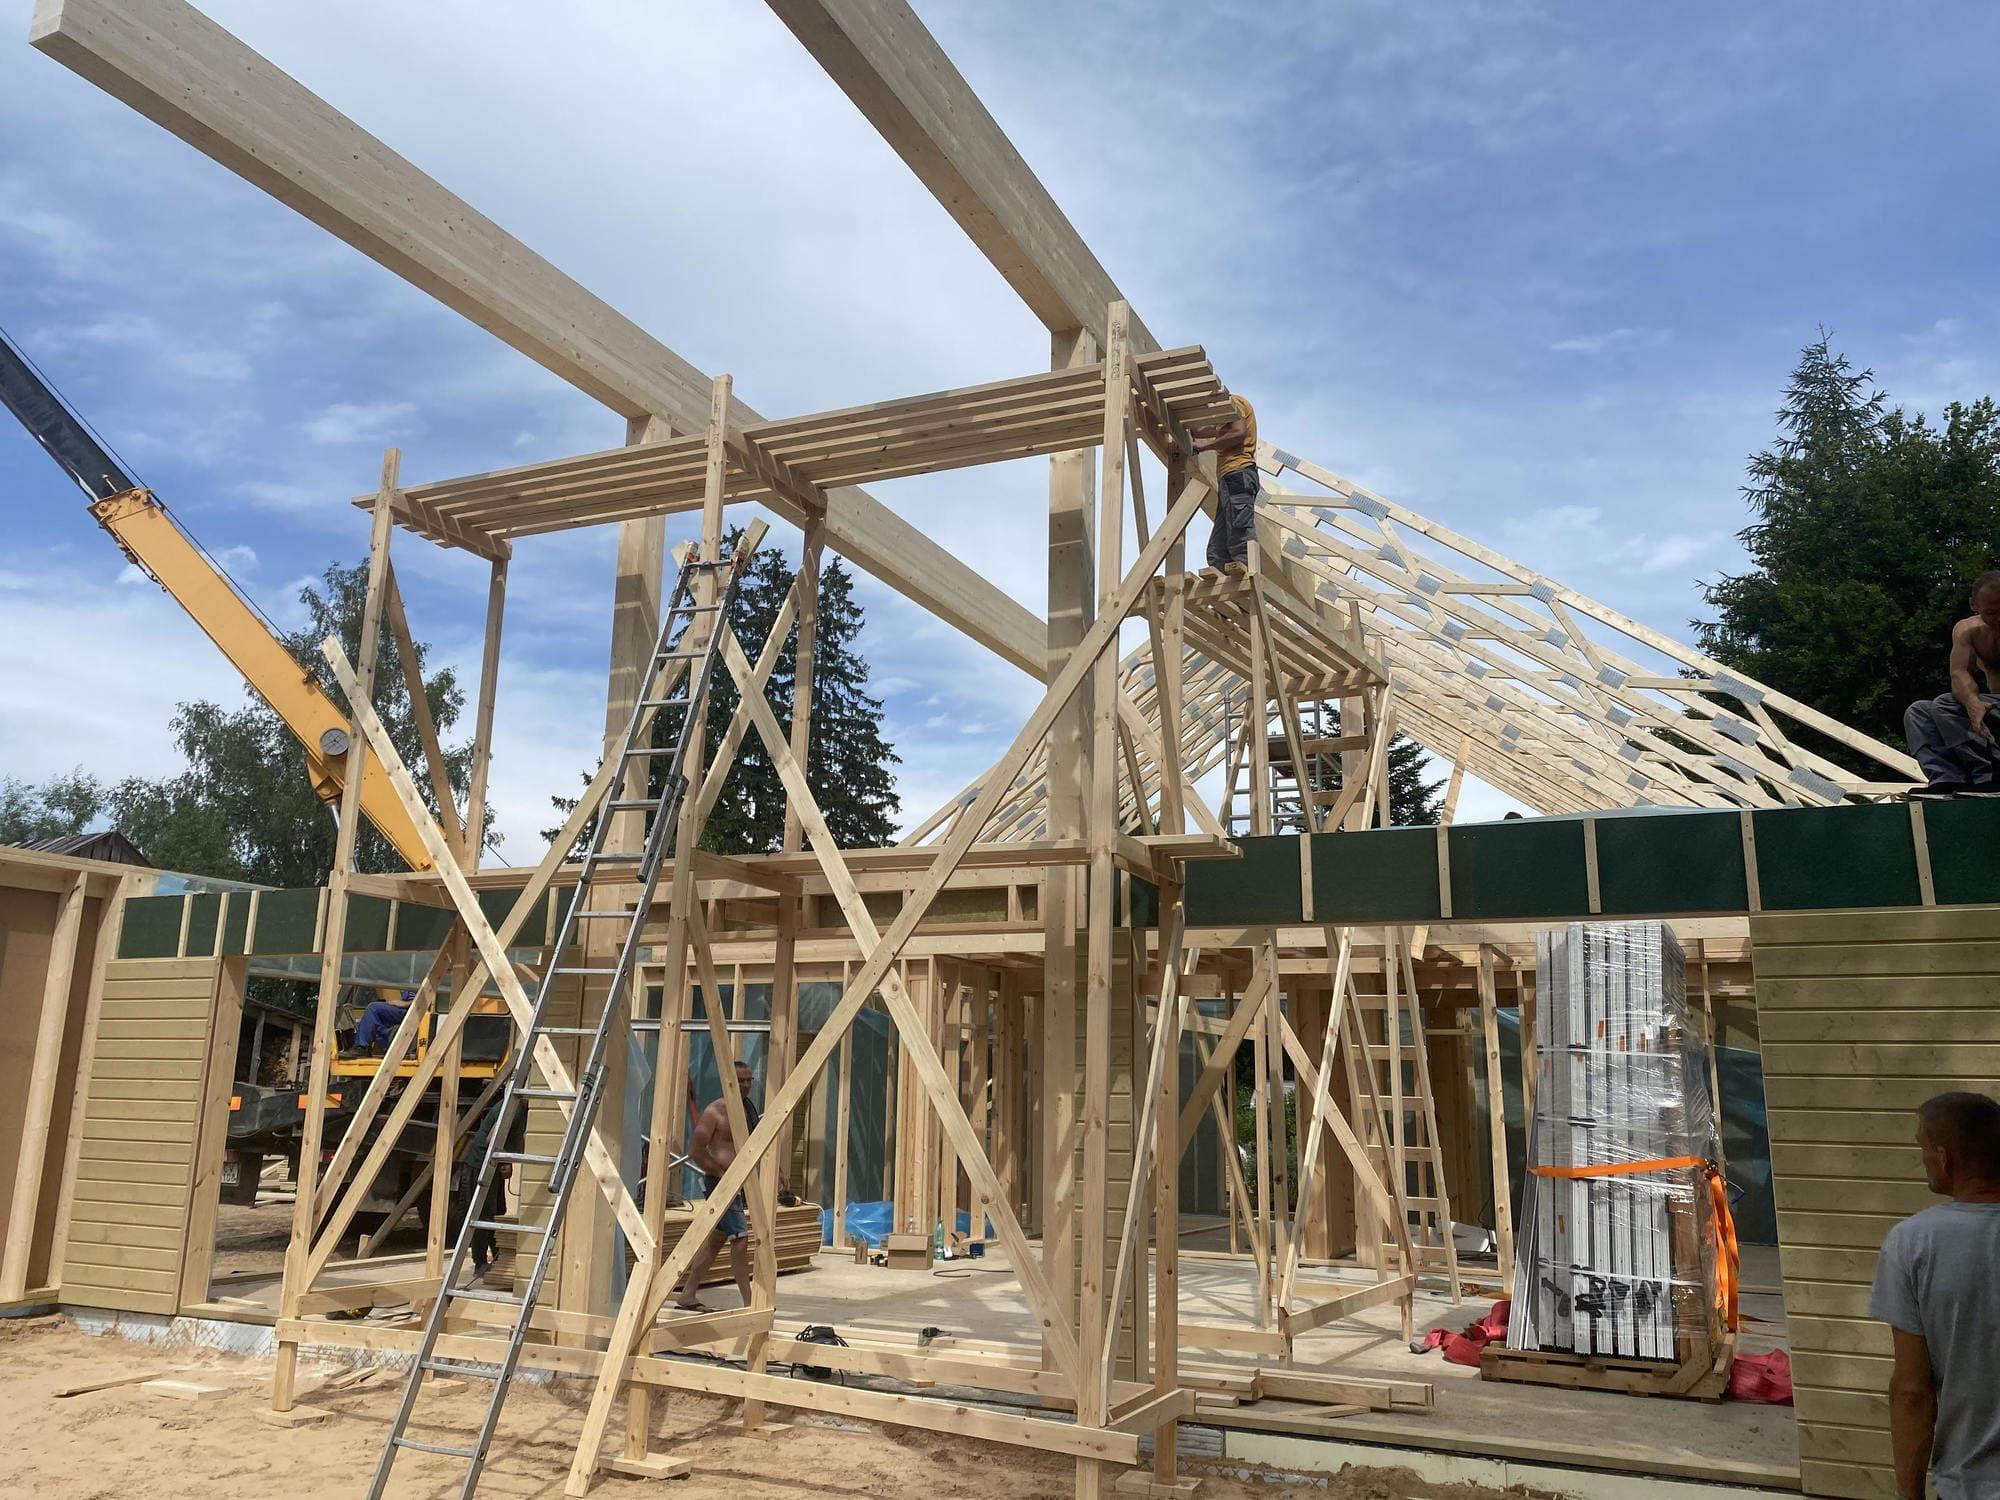 Eko modulis ražotās koka mājas izceļas ar augstu energoefektivitātes klasi